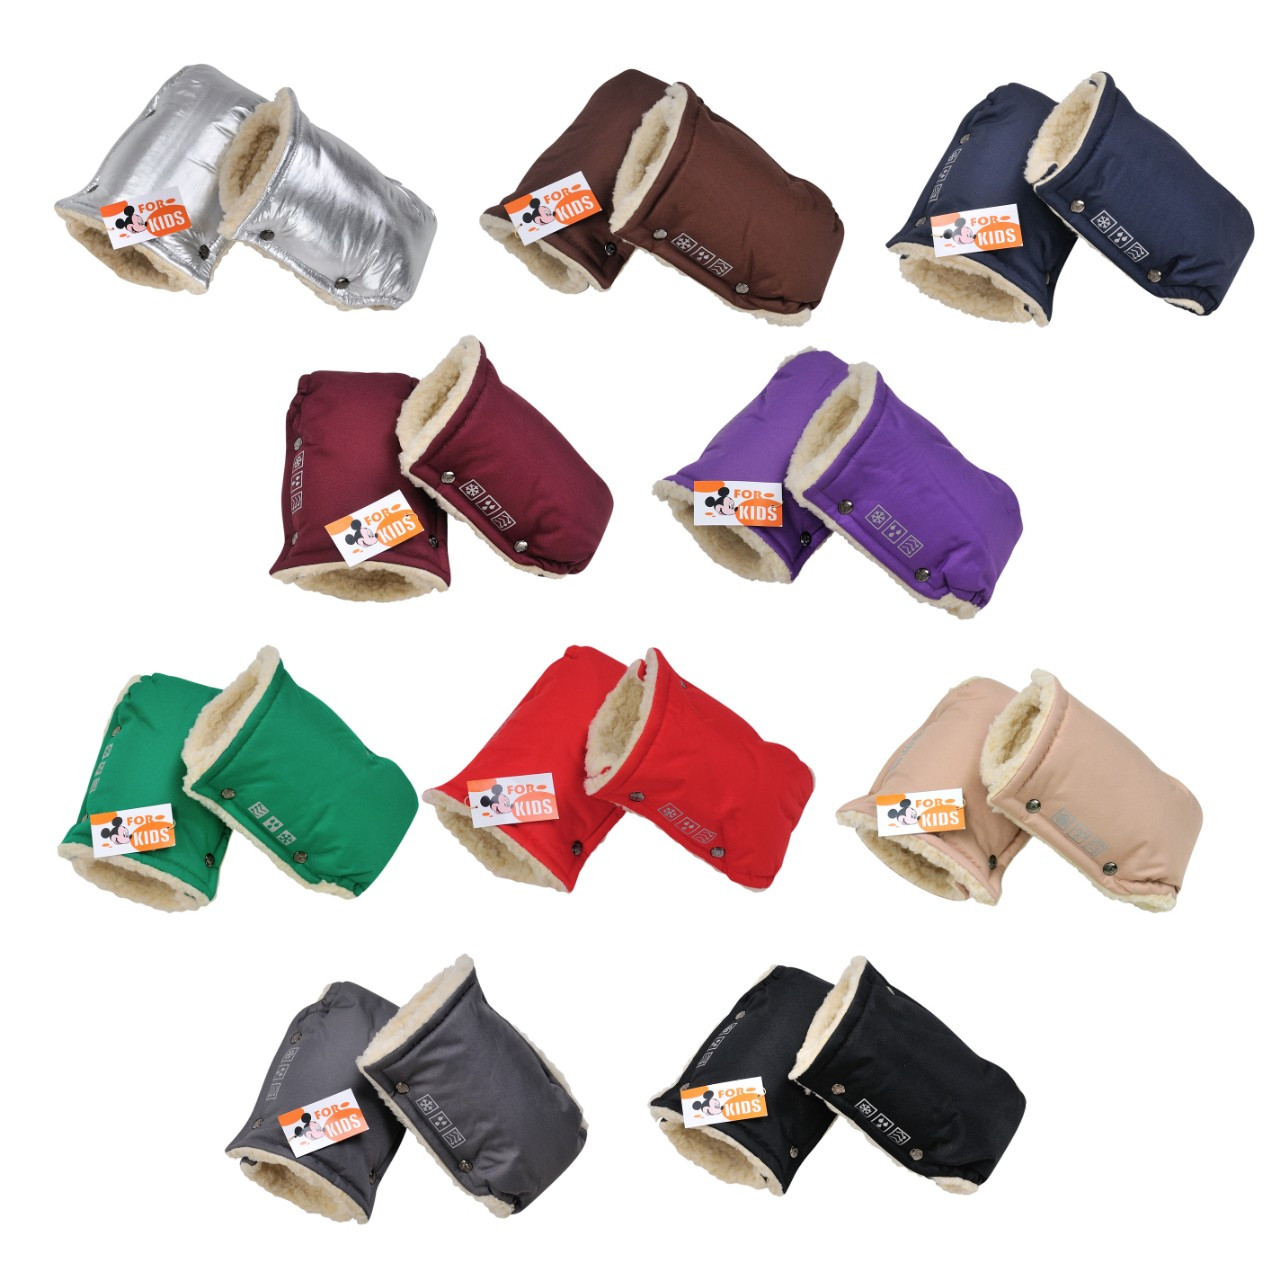 Теплые рукавички на коляску (разные цвета)